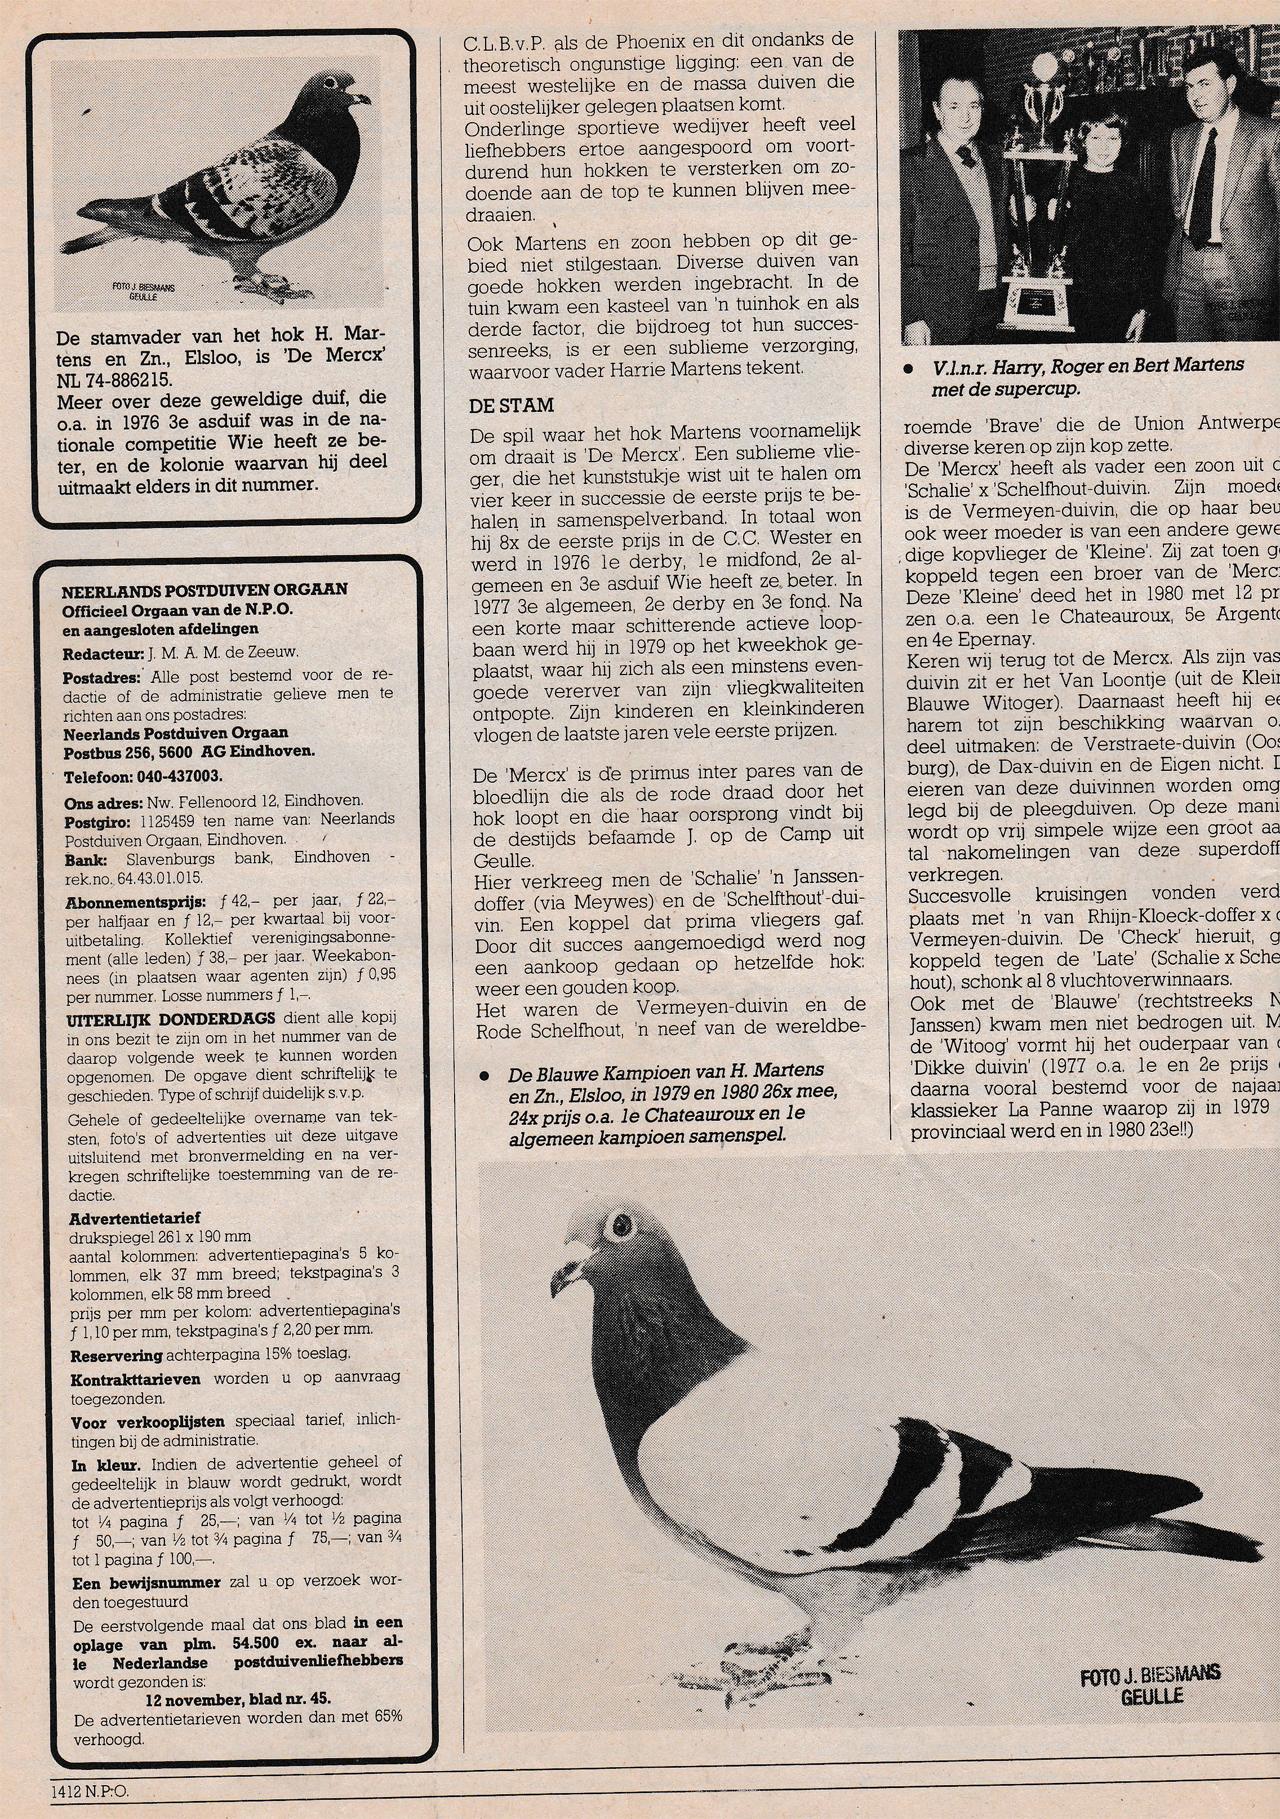 1980 - NPOrgaan Autovlucht 2